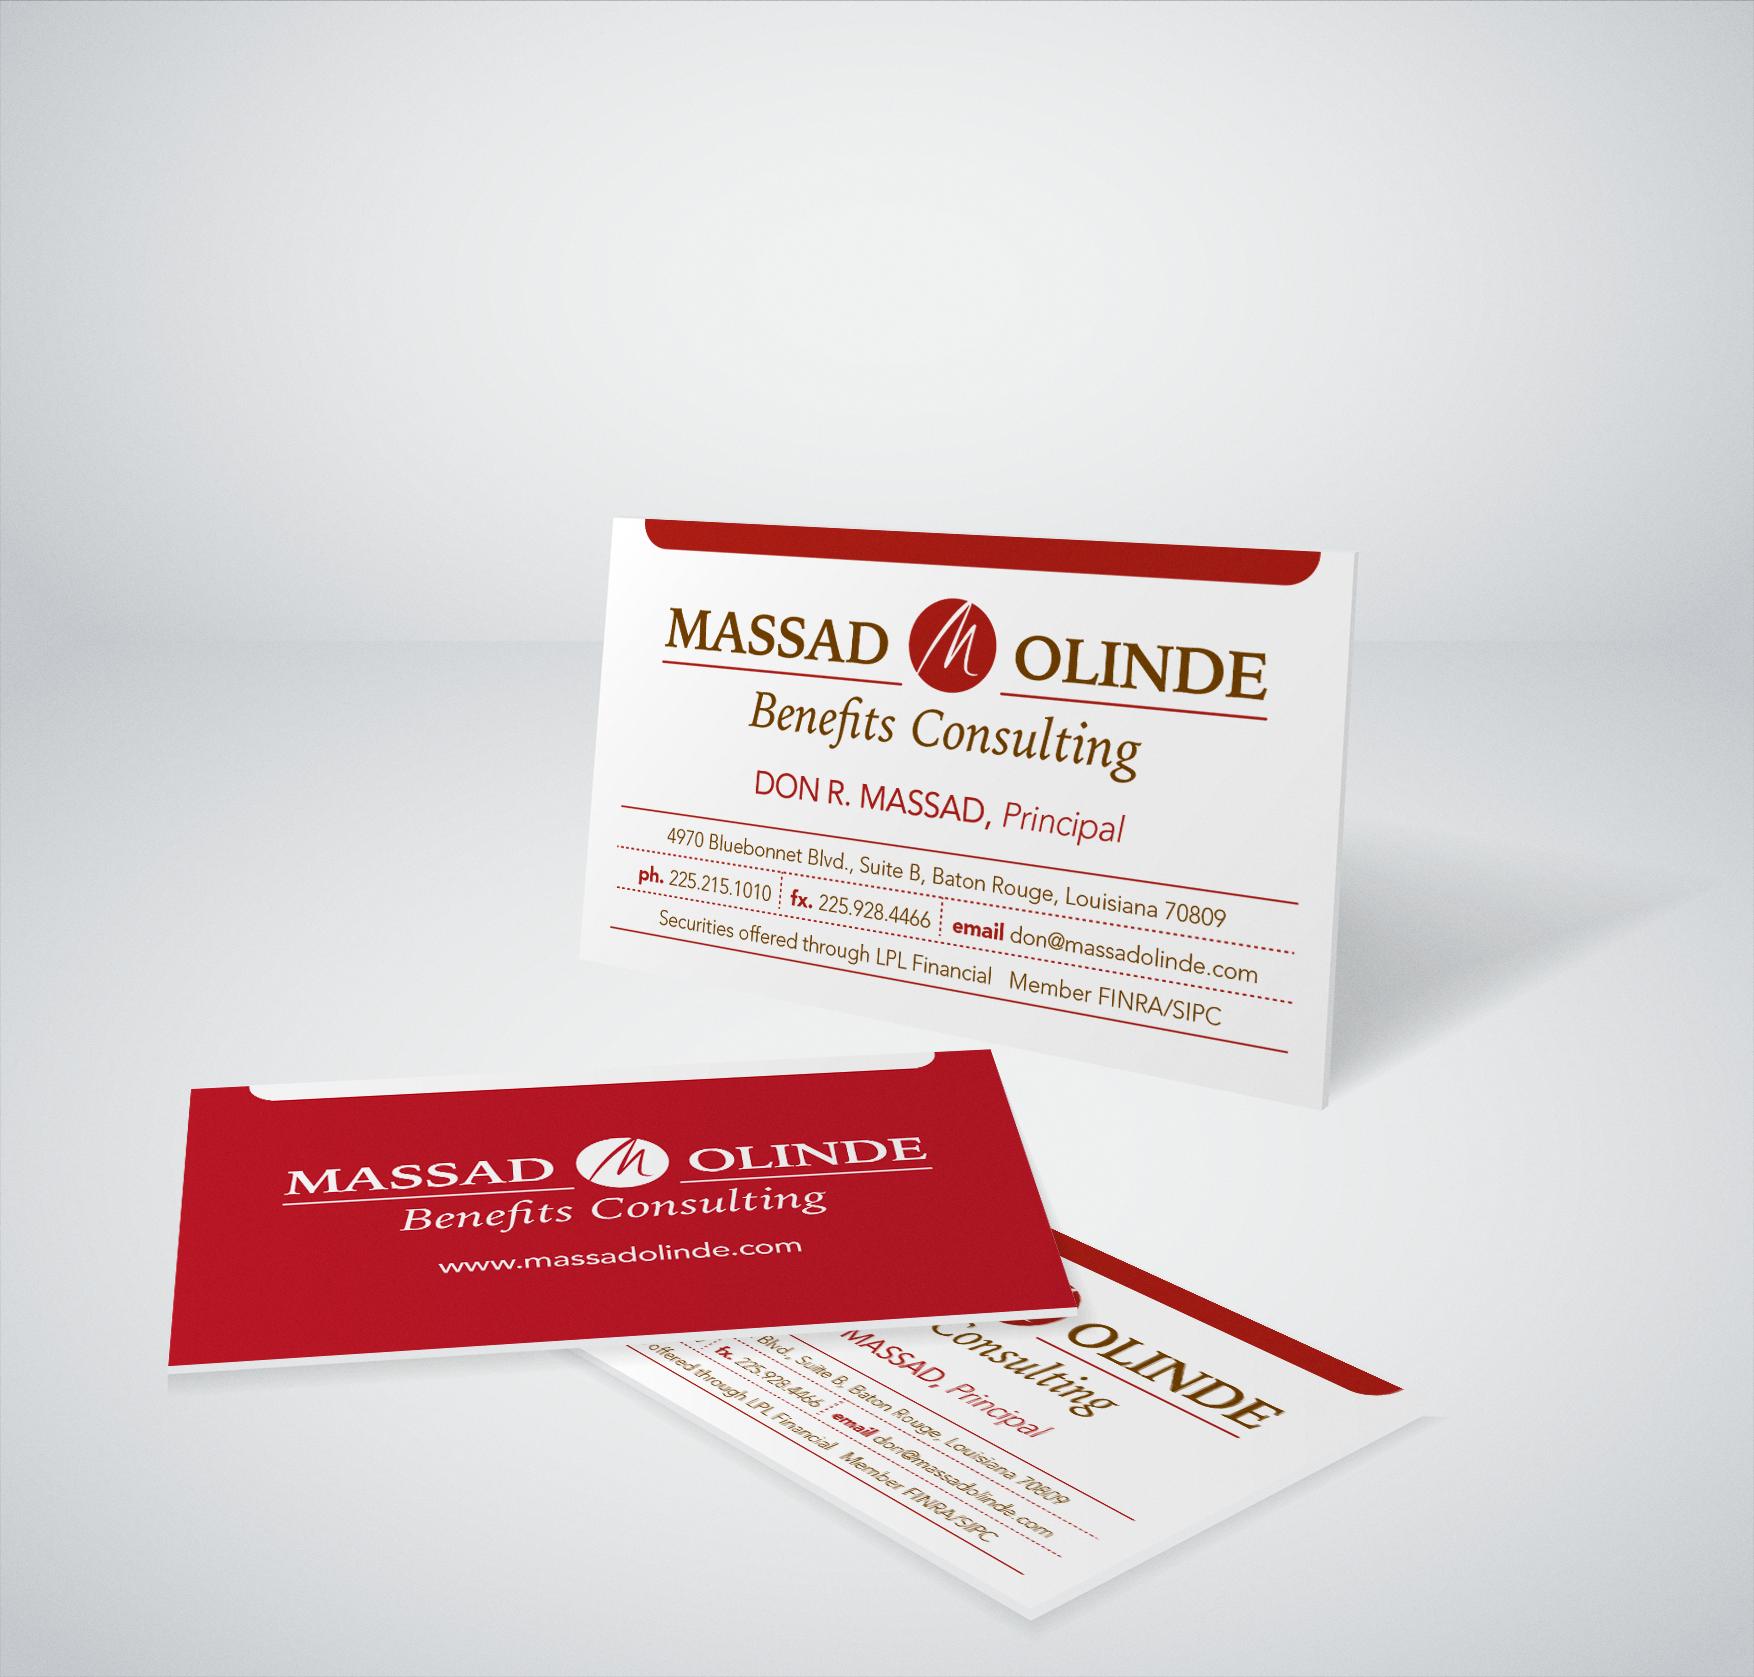 Massad Olinde Business Card Design created for Diane Allen and Associates